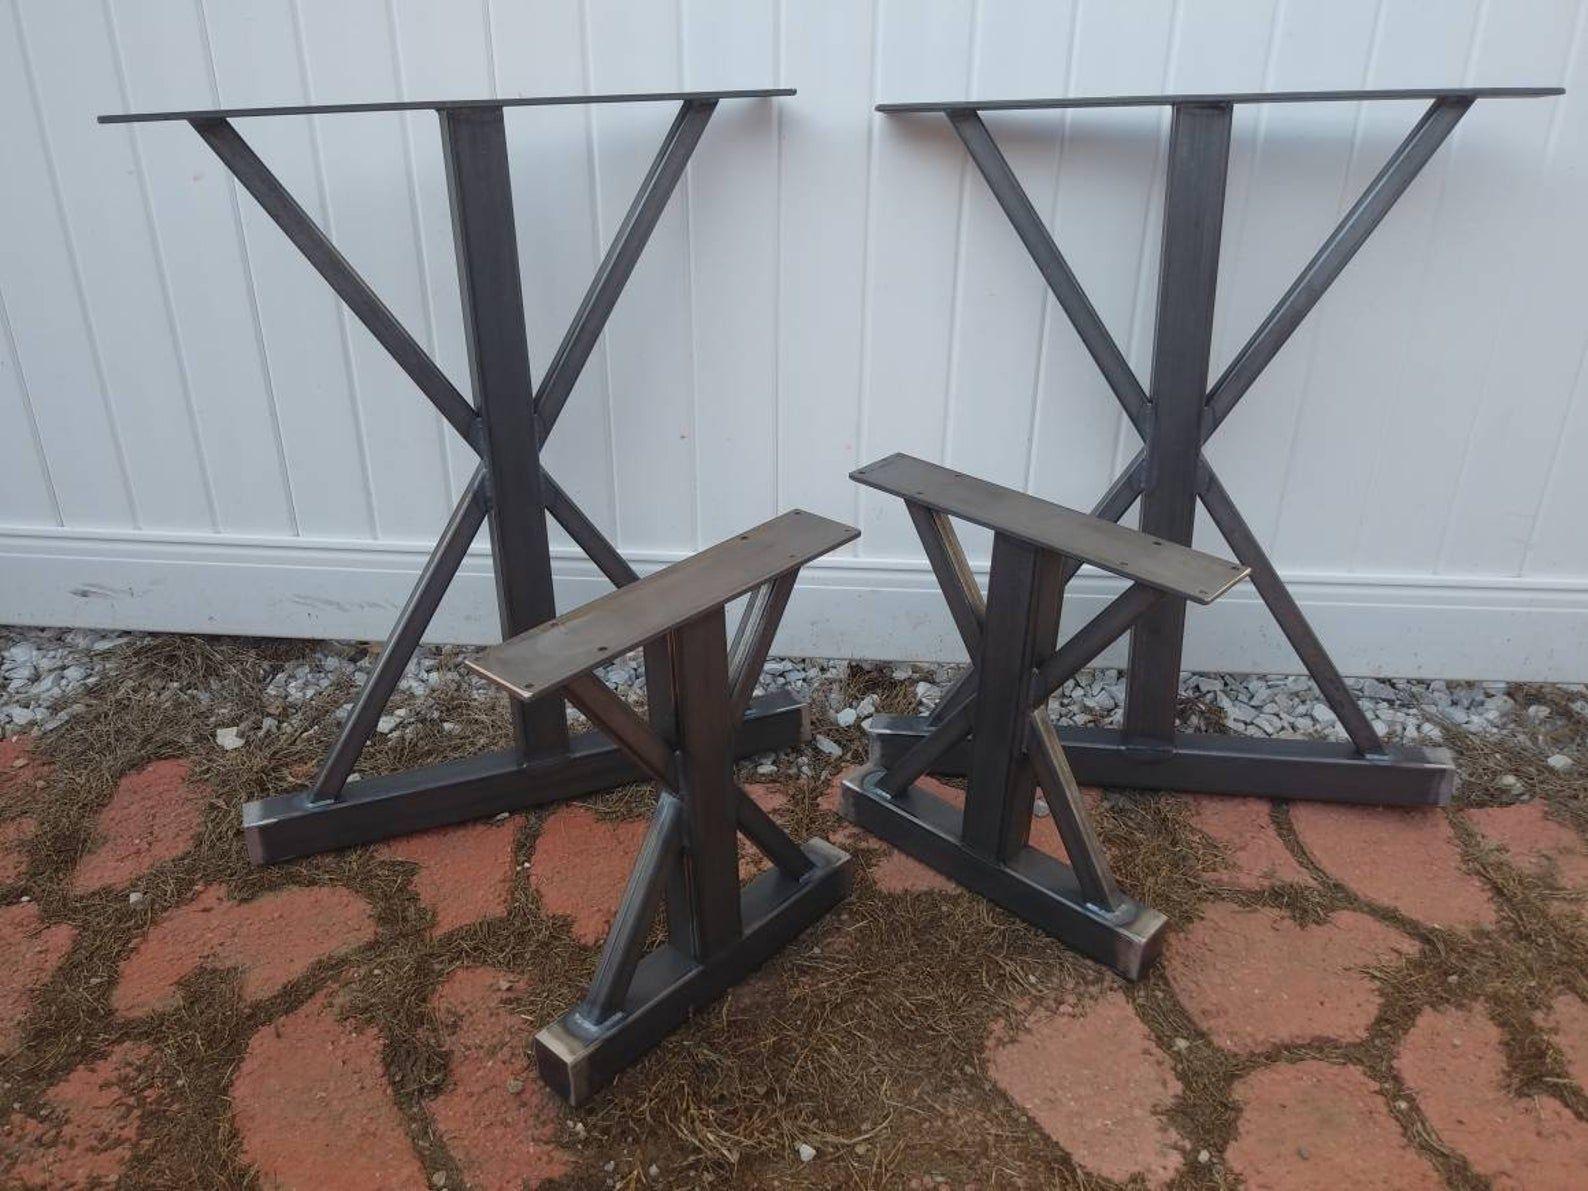 Trestle Metal Table Legs, Set of 4 in 2020 Metal table